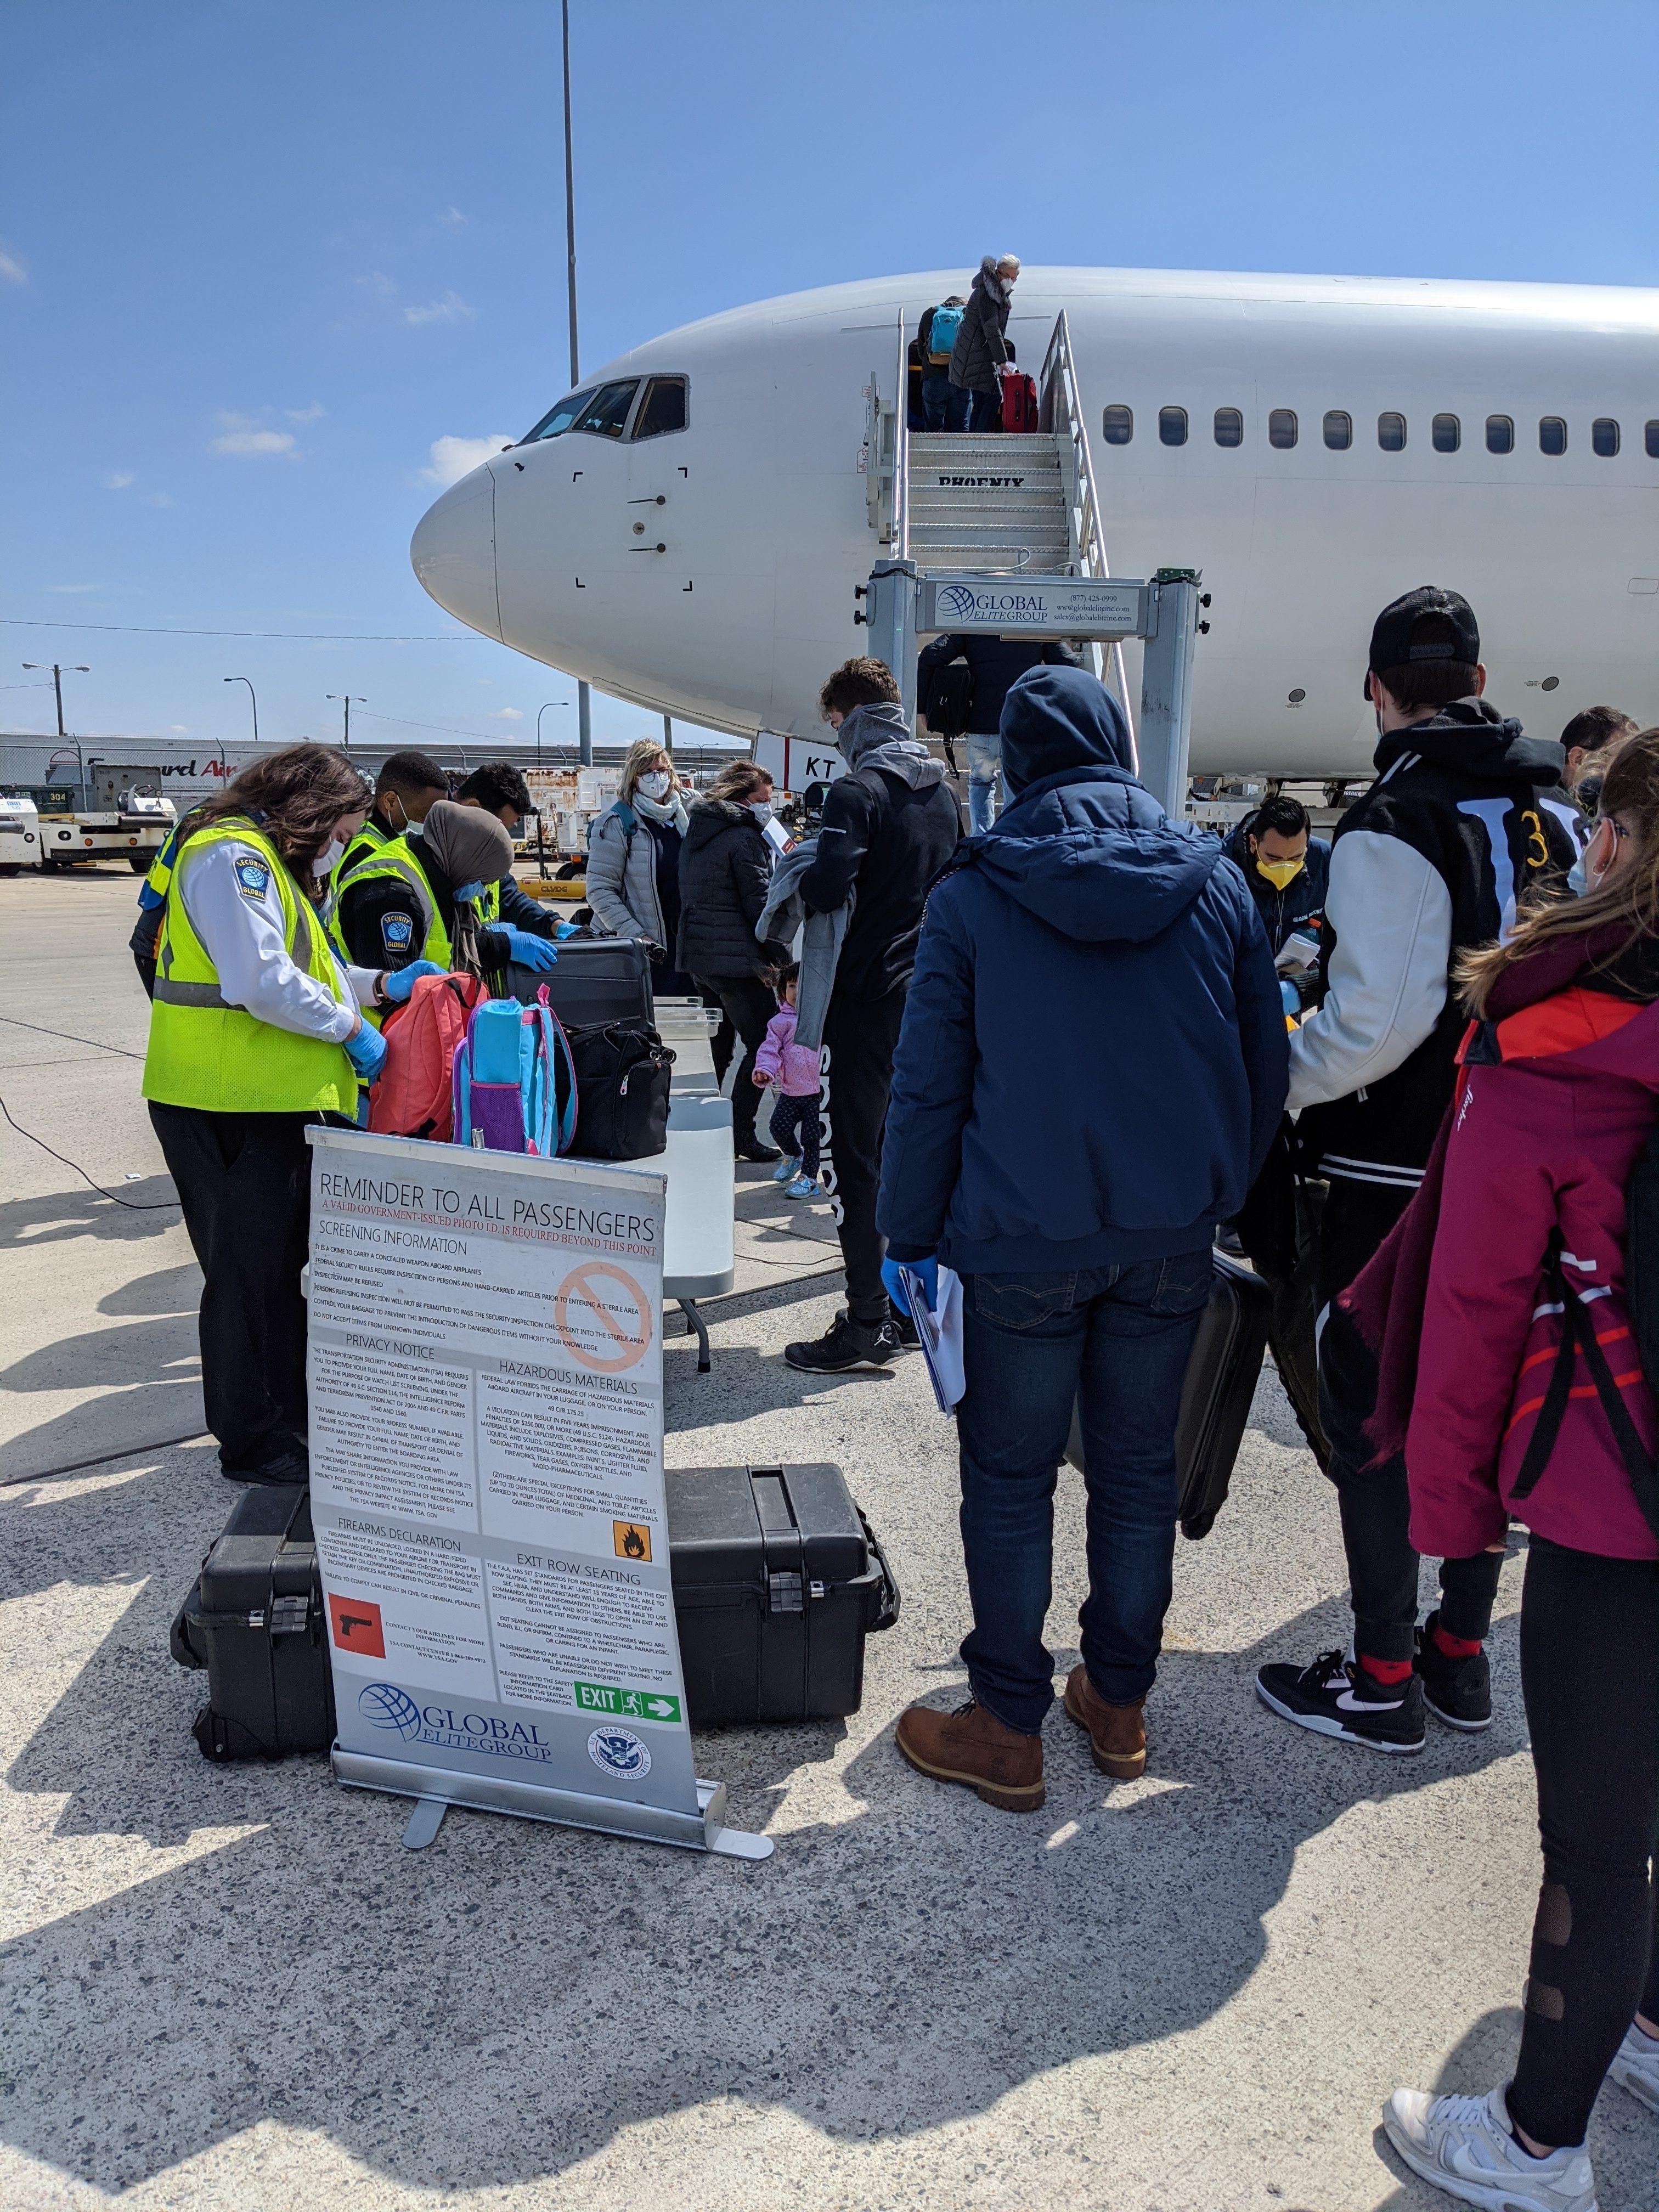 Ľudia pri lietadle pri kontrole